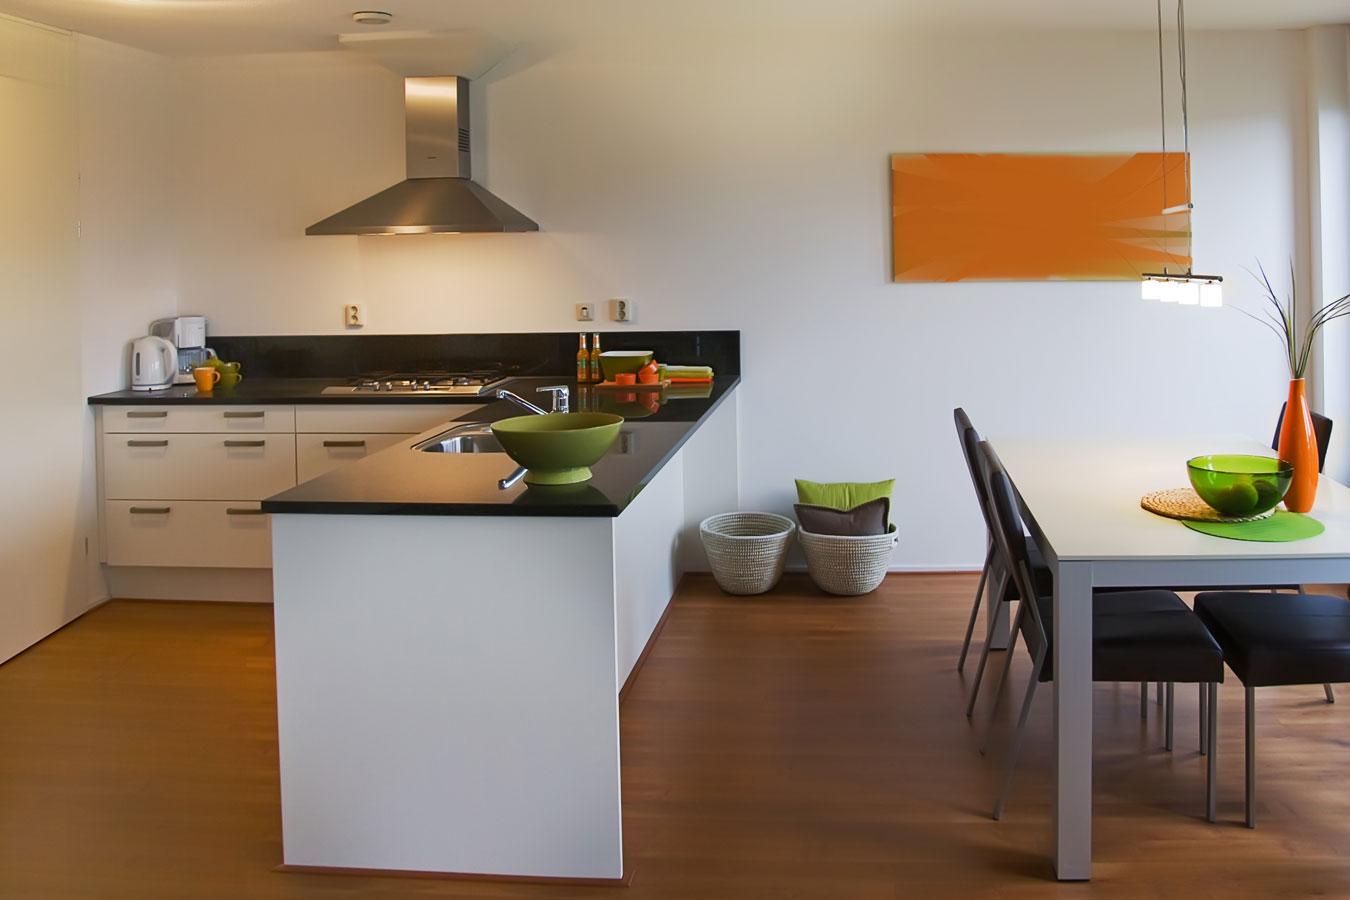 Een composiet werkblad in de keuken voor nadelen